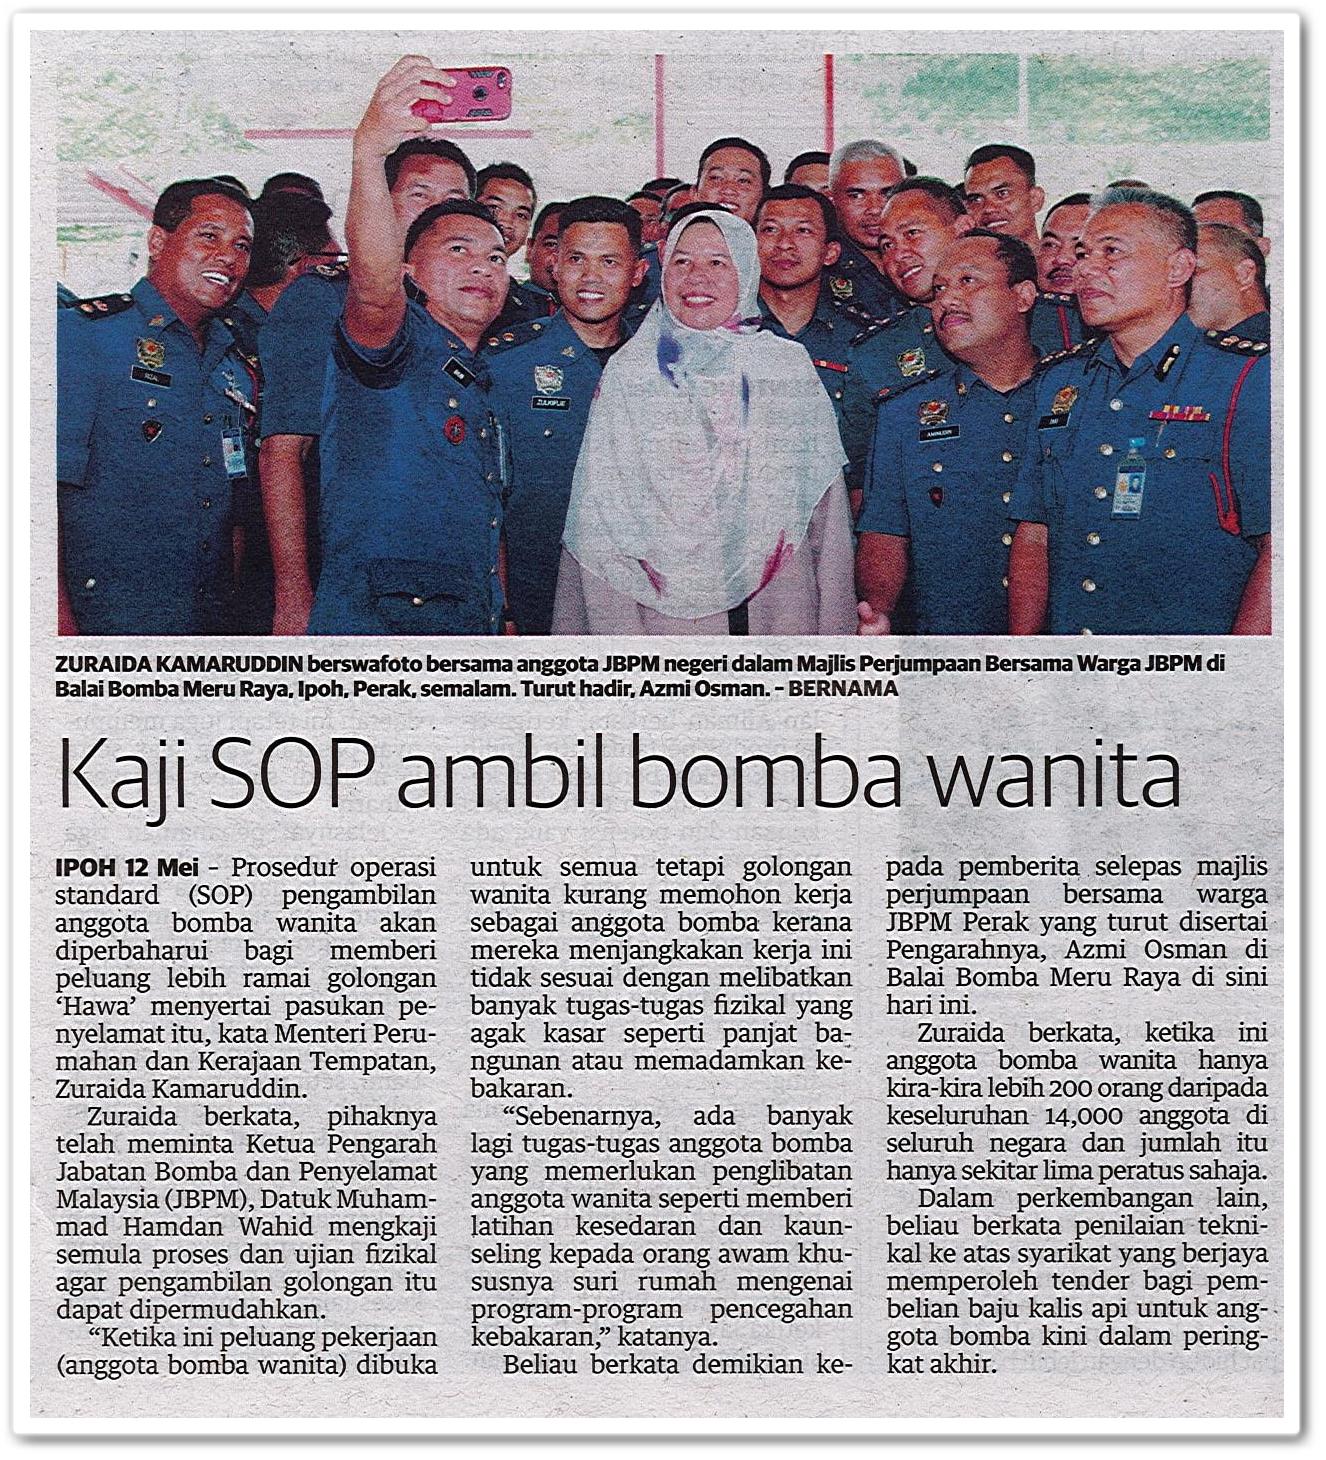 Kaji SOP ambil bomba wanita - Keratan akhbar Utusan Malaysia 13 Mei 2019